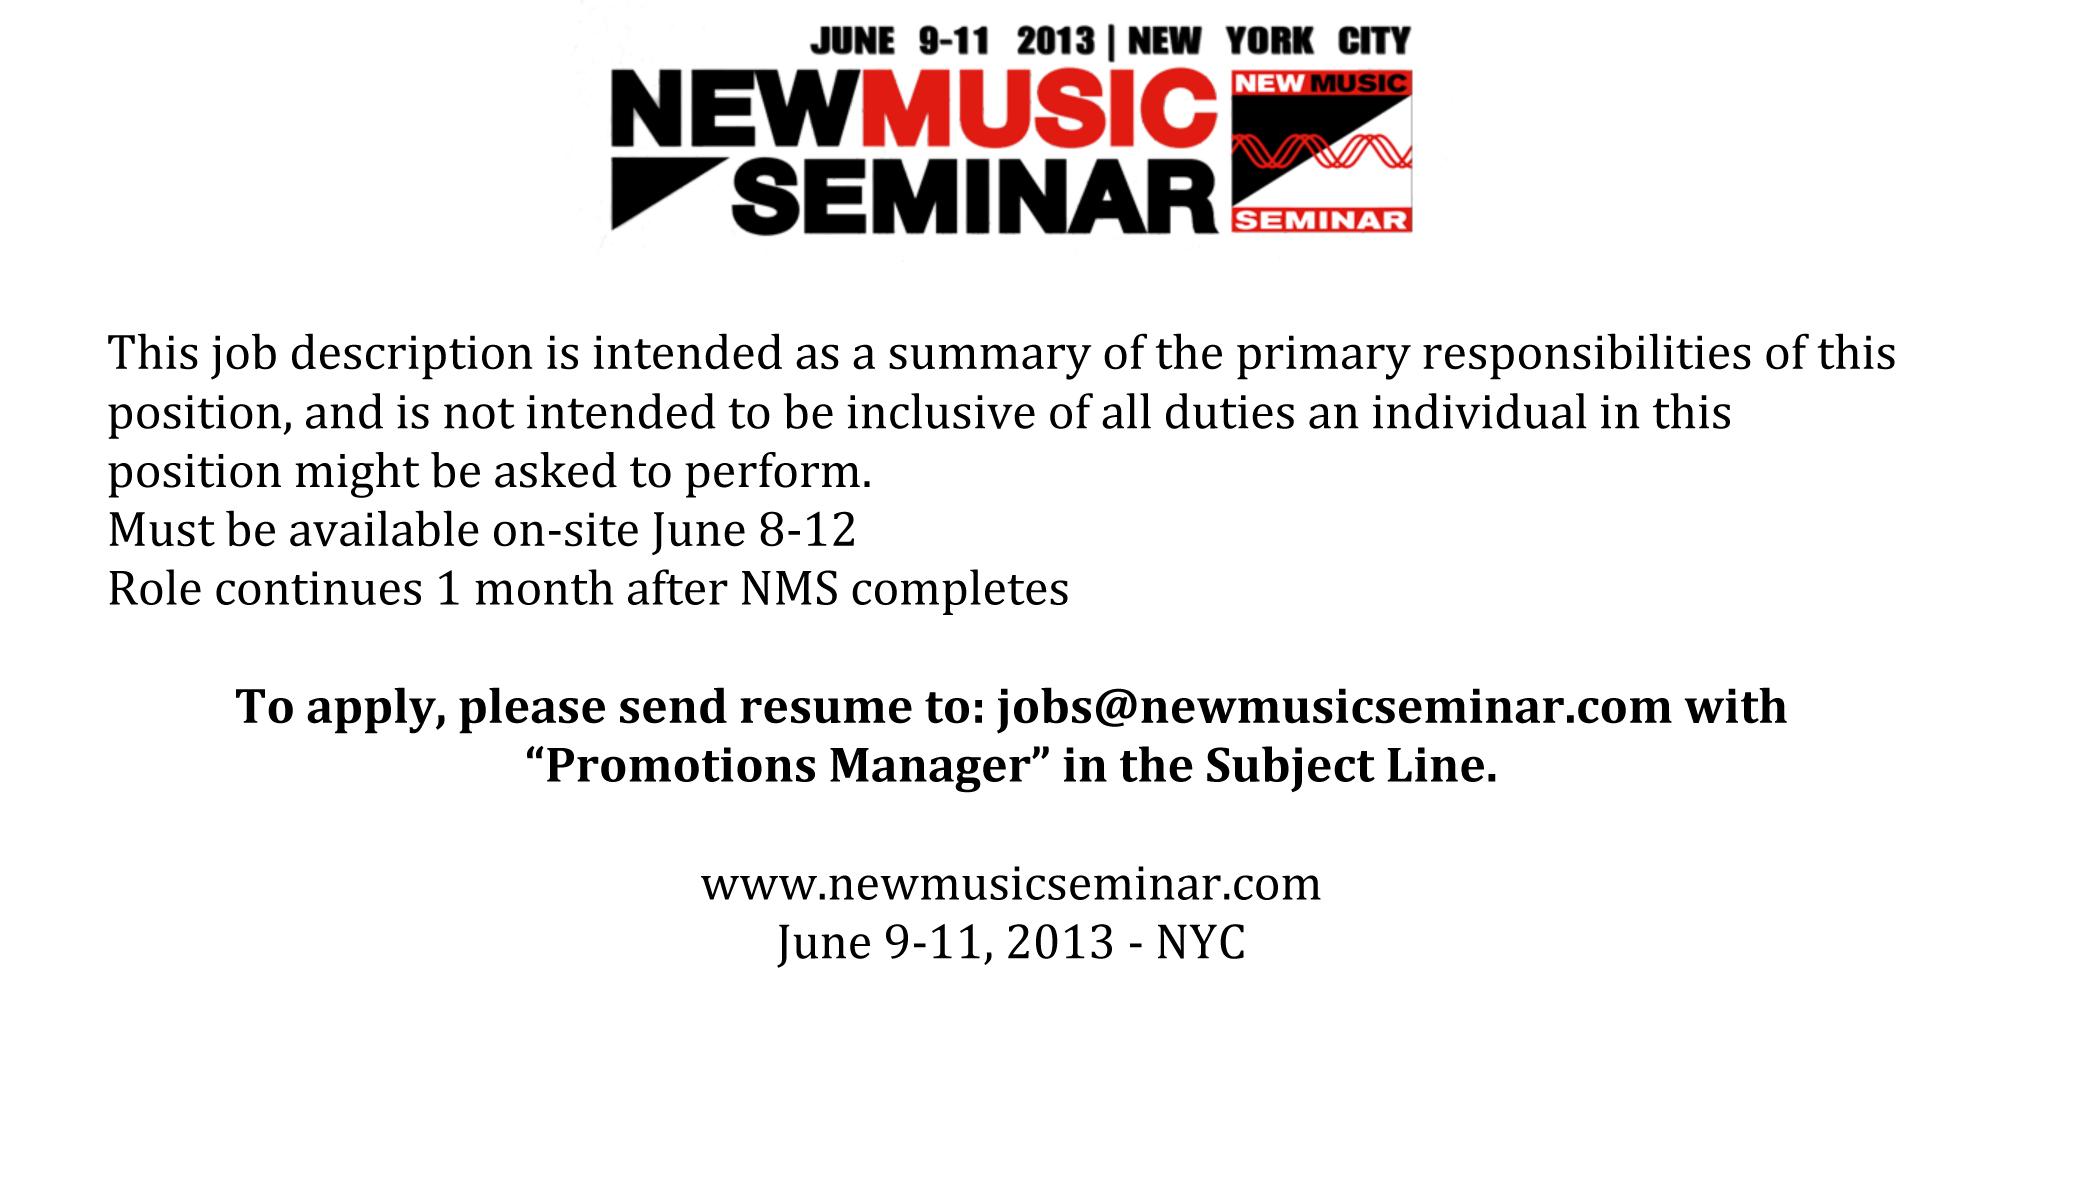 Music Manager Job Description